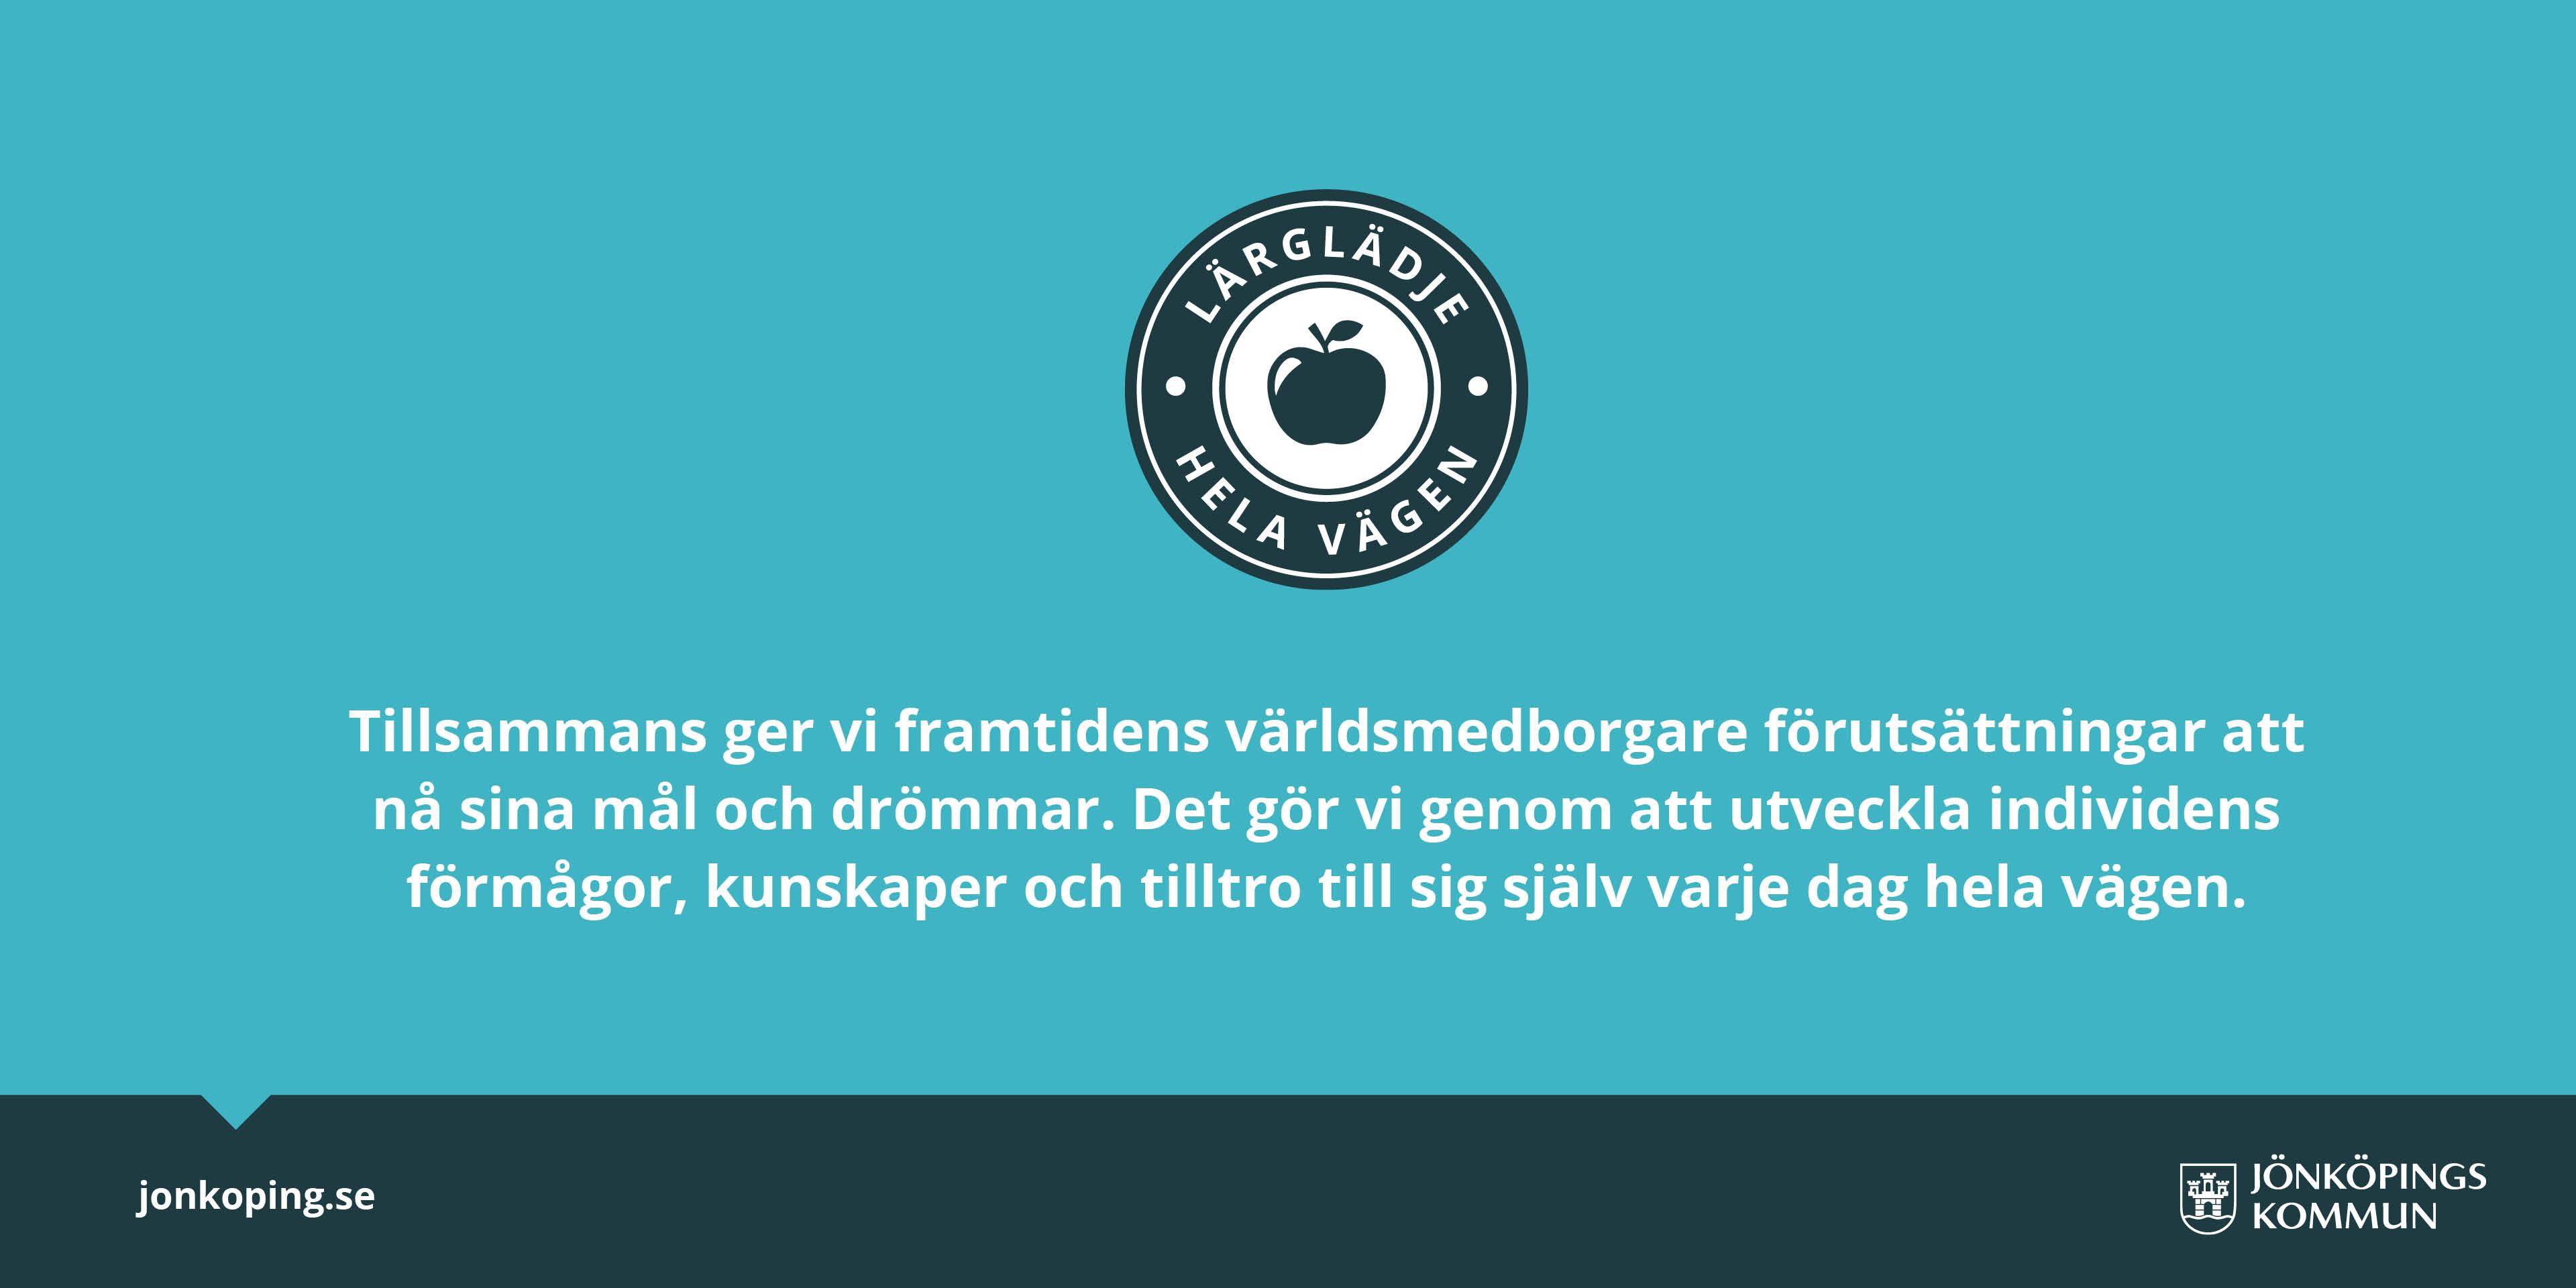 Identx har tagit fram en kommunikationsplattform åt Jönköpings utbildningsförvaltning